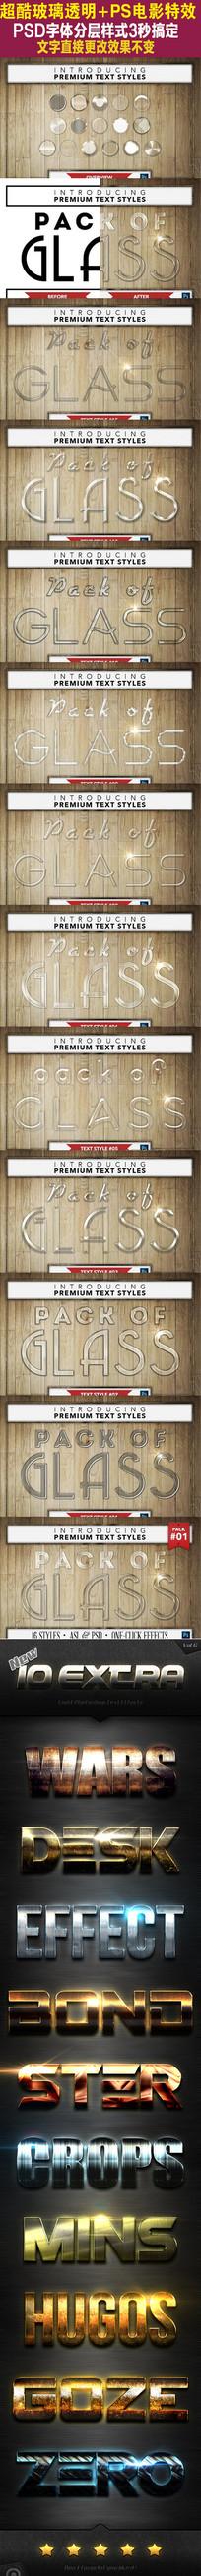 超酷玻璃透明字体电影特效字体样式 PSD